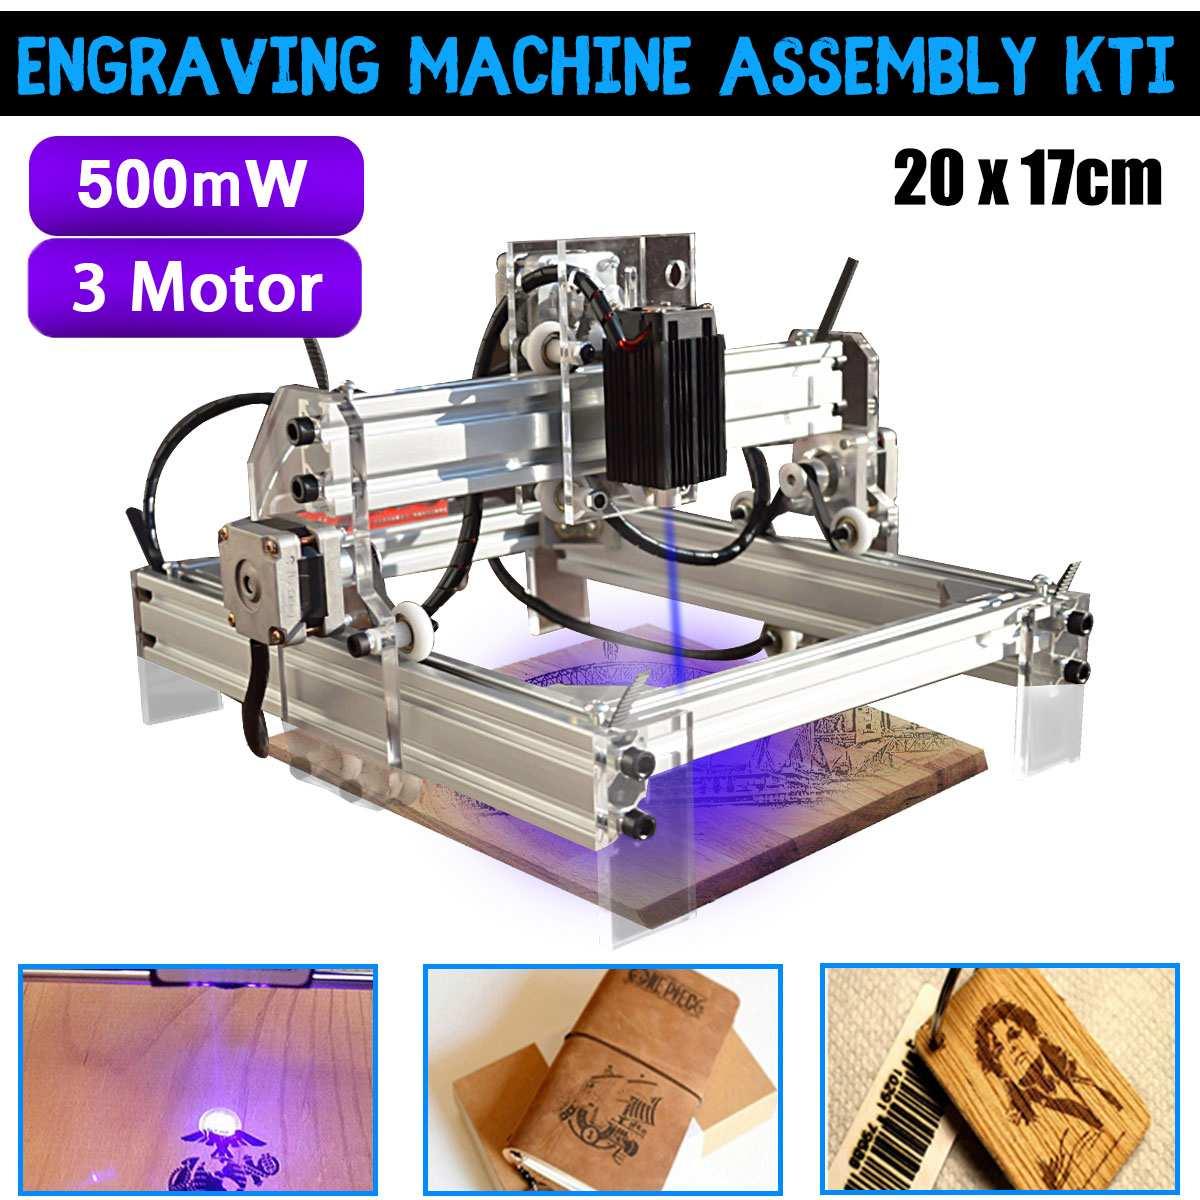 500mw Desktop Laser Engraving Engraver Machine Kit DIY Cutter Printer 20x17cm Milling Machine wood router500mw Desktop Laser Engraving Engraver Machine Kit DIY Cutter Printer 20x17cm Milling Machine wood router